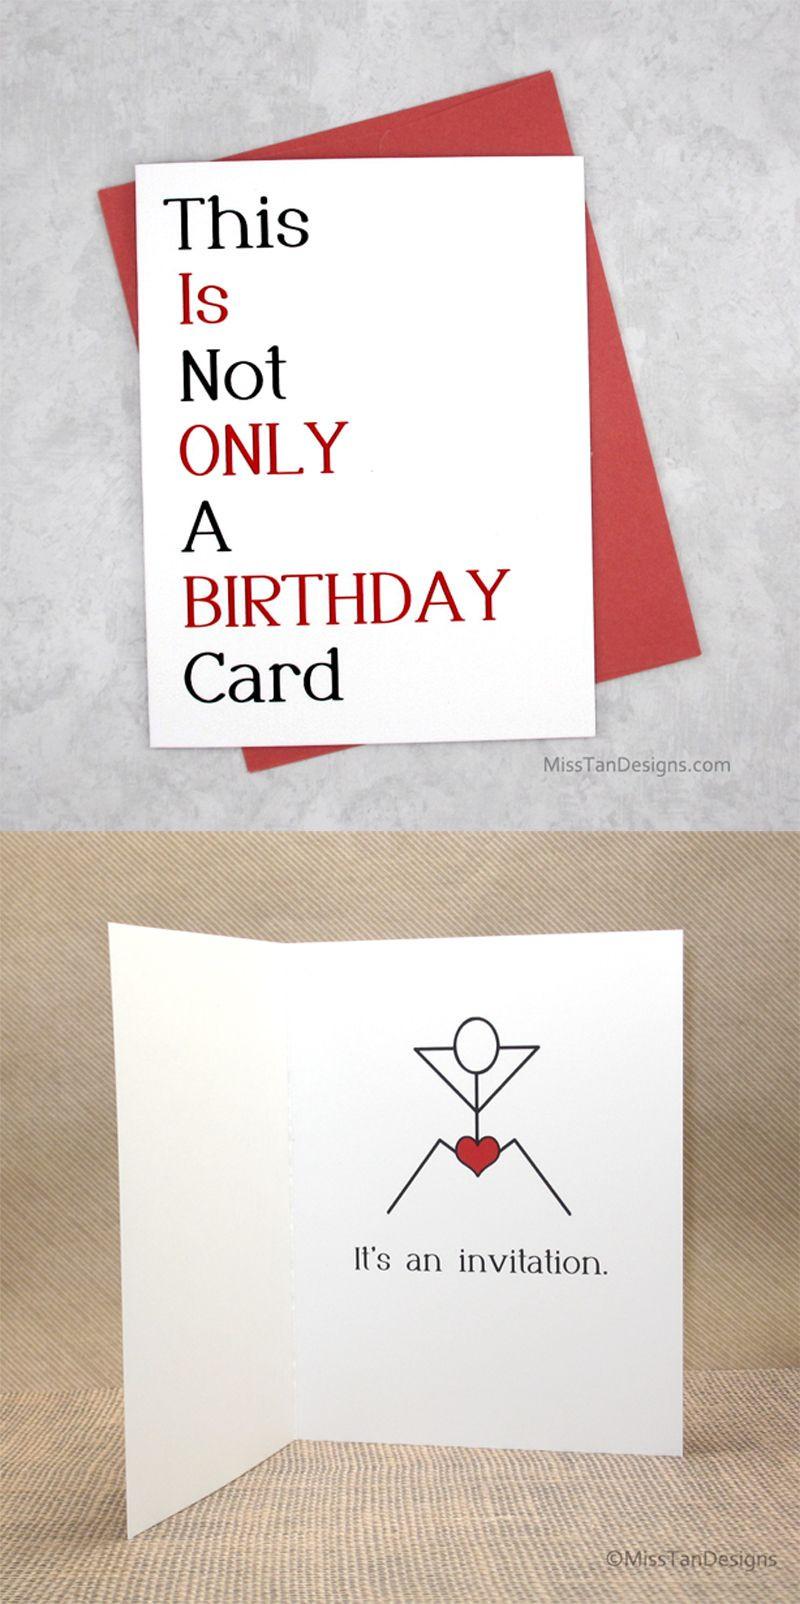 Funny Gift Ideas For Boyfriend  Boyfriend Birthday Cards Not ly Funny Gift y